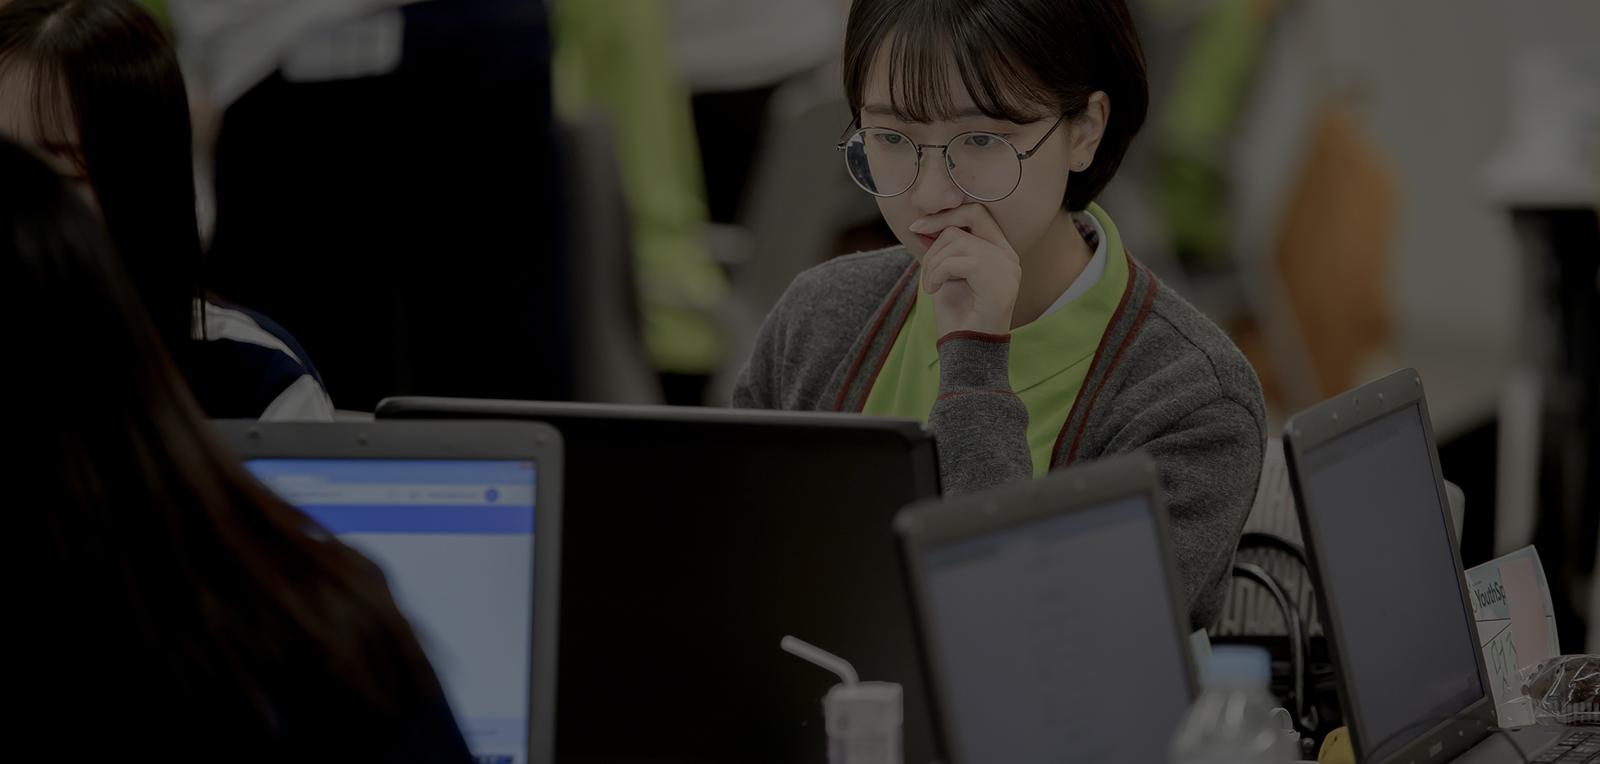 마이크로소프트는 미래세대 지원을 위한 프로그램과 파트너십에 다양한 사회적 투자를 진행하고 있습니다.